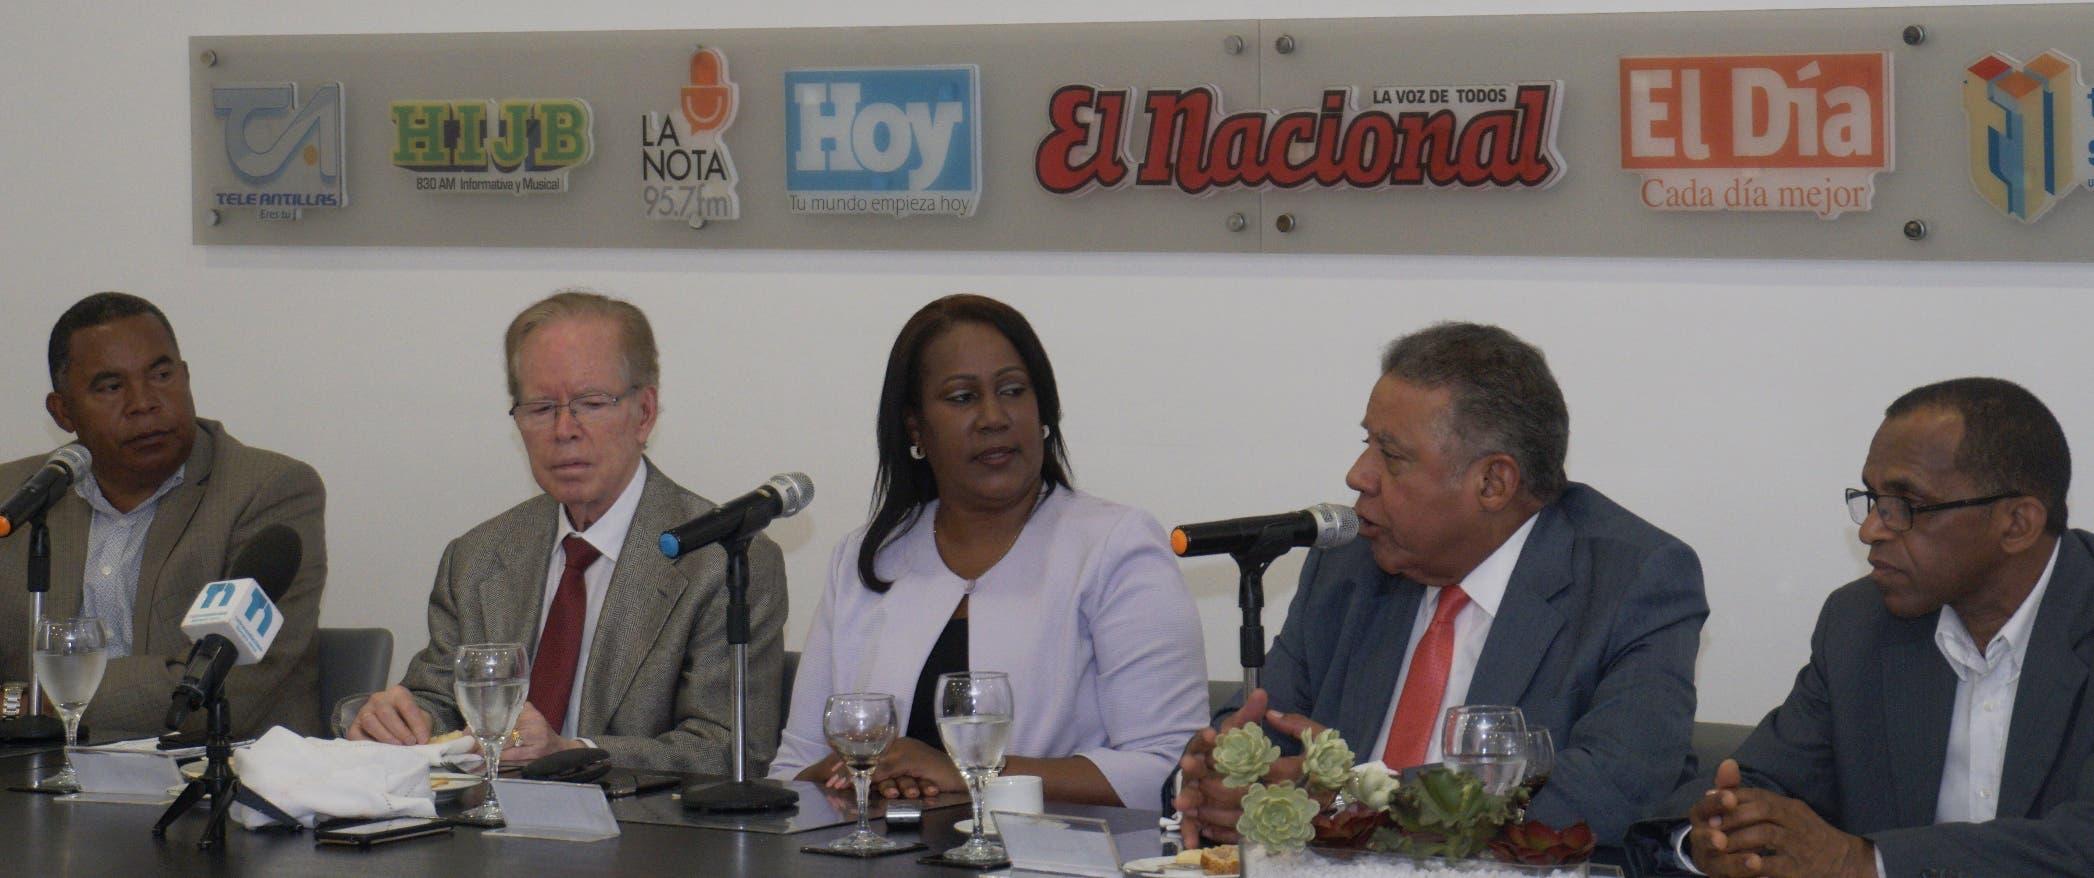 Xiomara Guante junto a José Luis -Pepín -Corripio Estrada durante el Almuerzo Semanal del Grupo de Comunicaciones Corripio.  Elieser Tapia